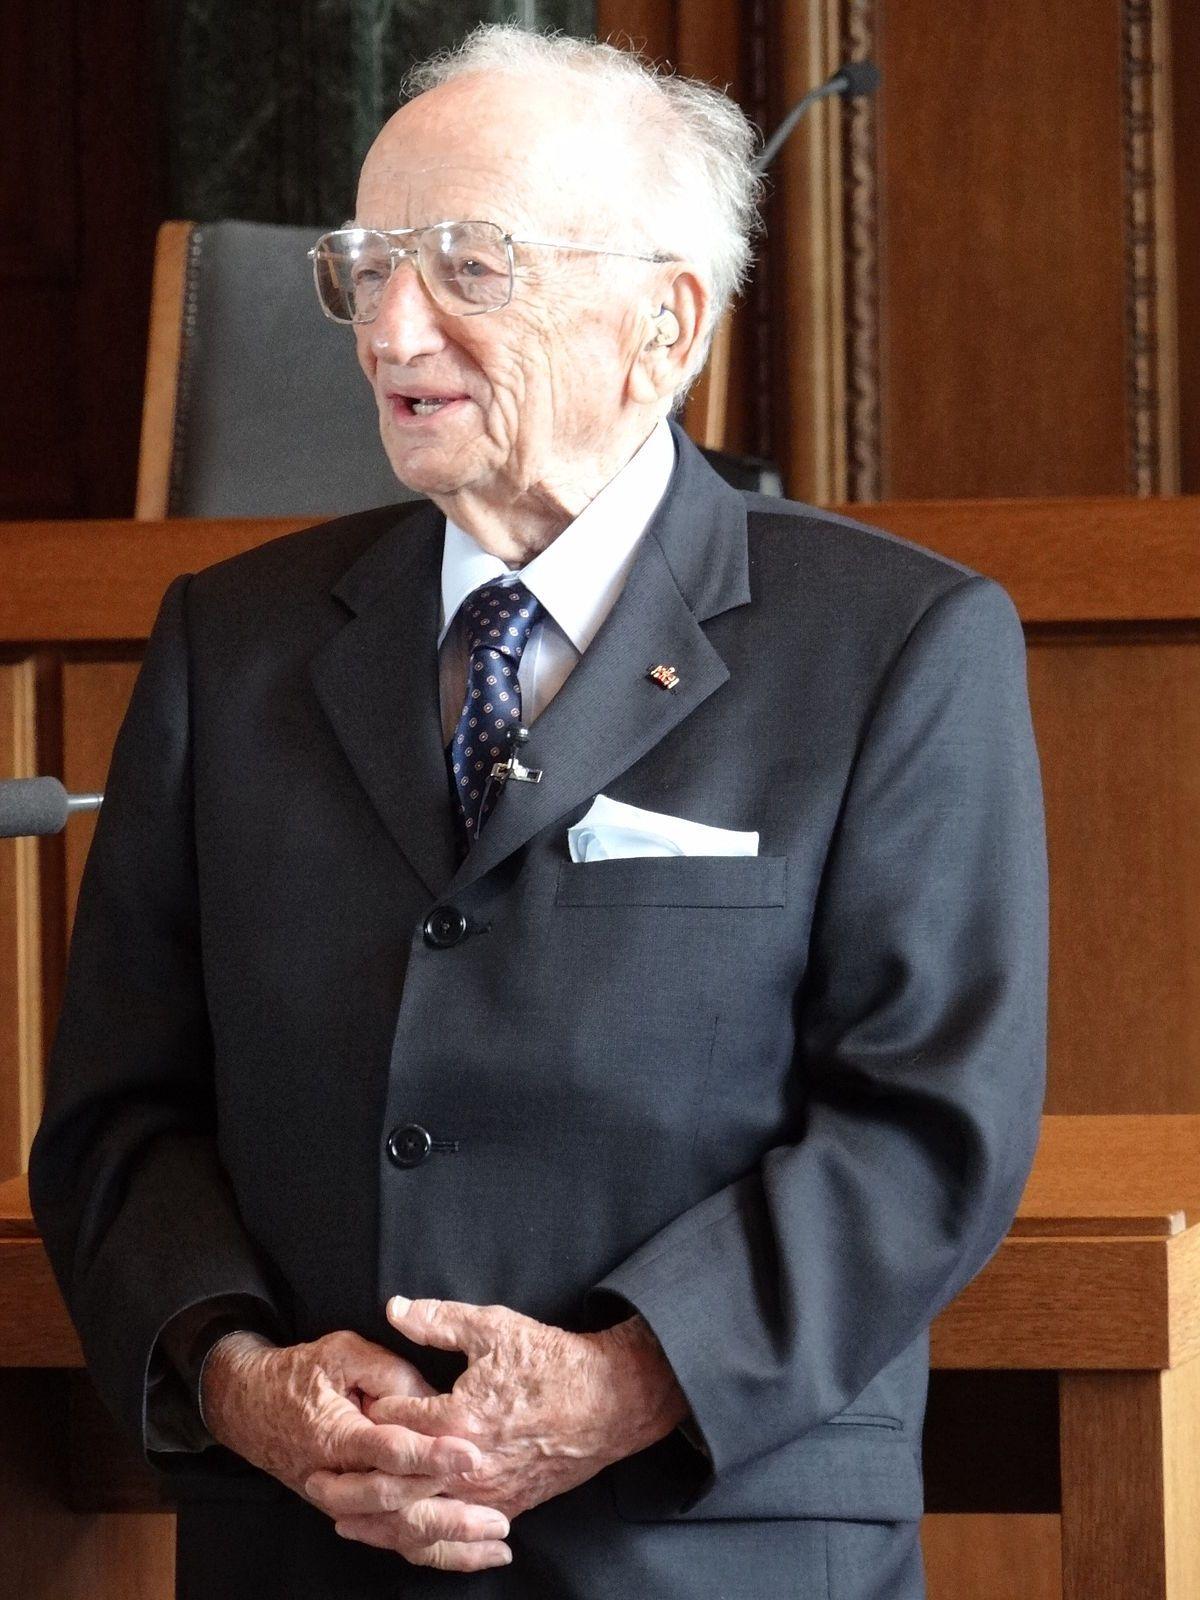 prosecutor benjamin ferencz at the einsatzgruppen trial portrait  prosecutor benjamin ferencz at the einsatzgruppen trial portrait benjamin b ferencz nuremberg